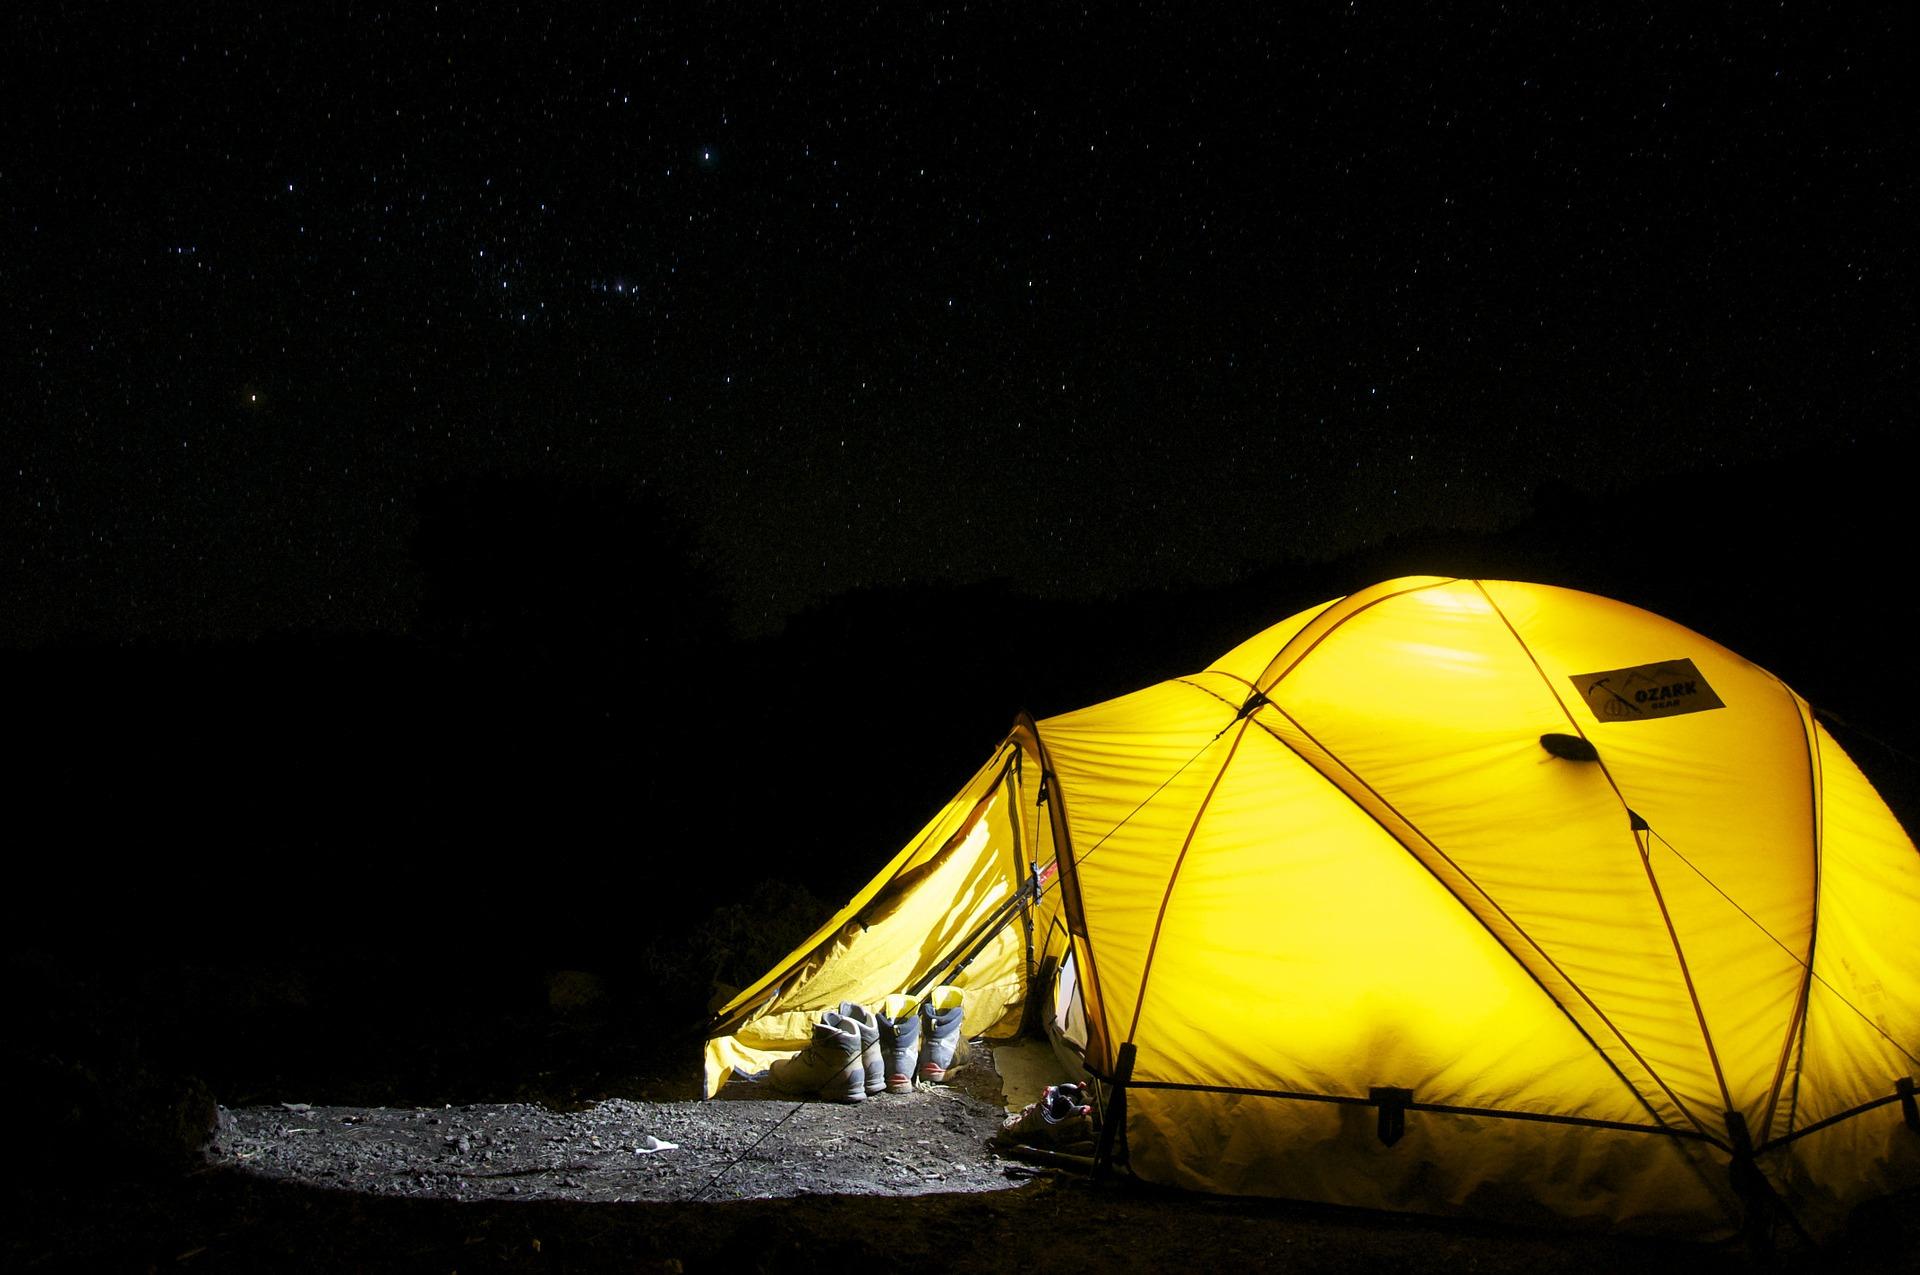 奥琵琶湖キャンプ場で自然を満喫!充実した設備で初心者にもおすすめ!